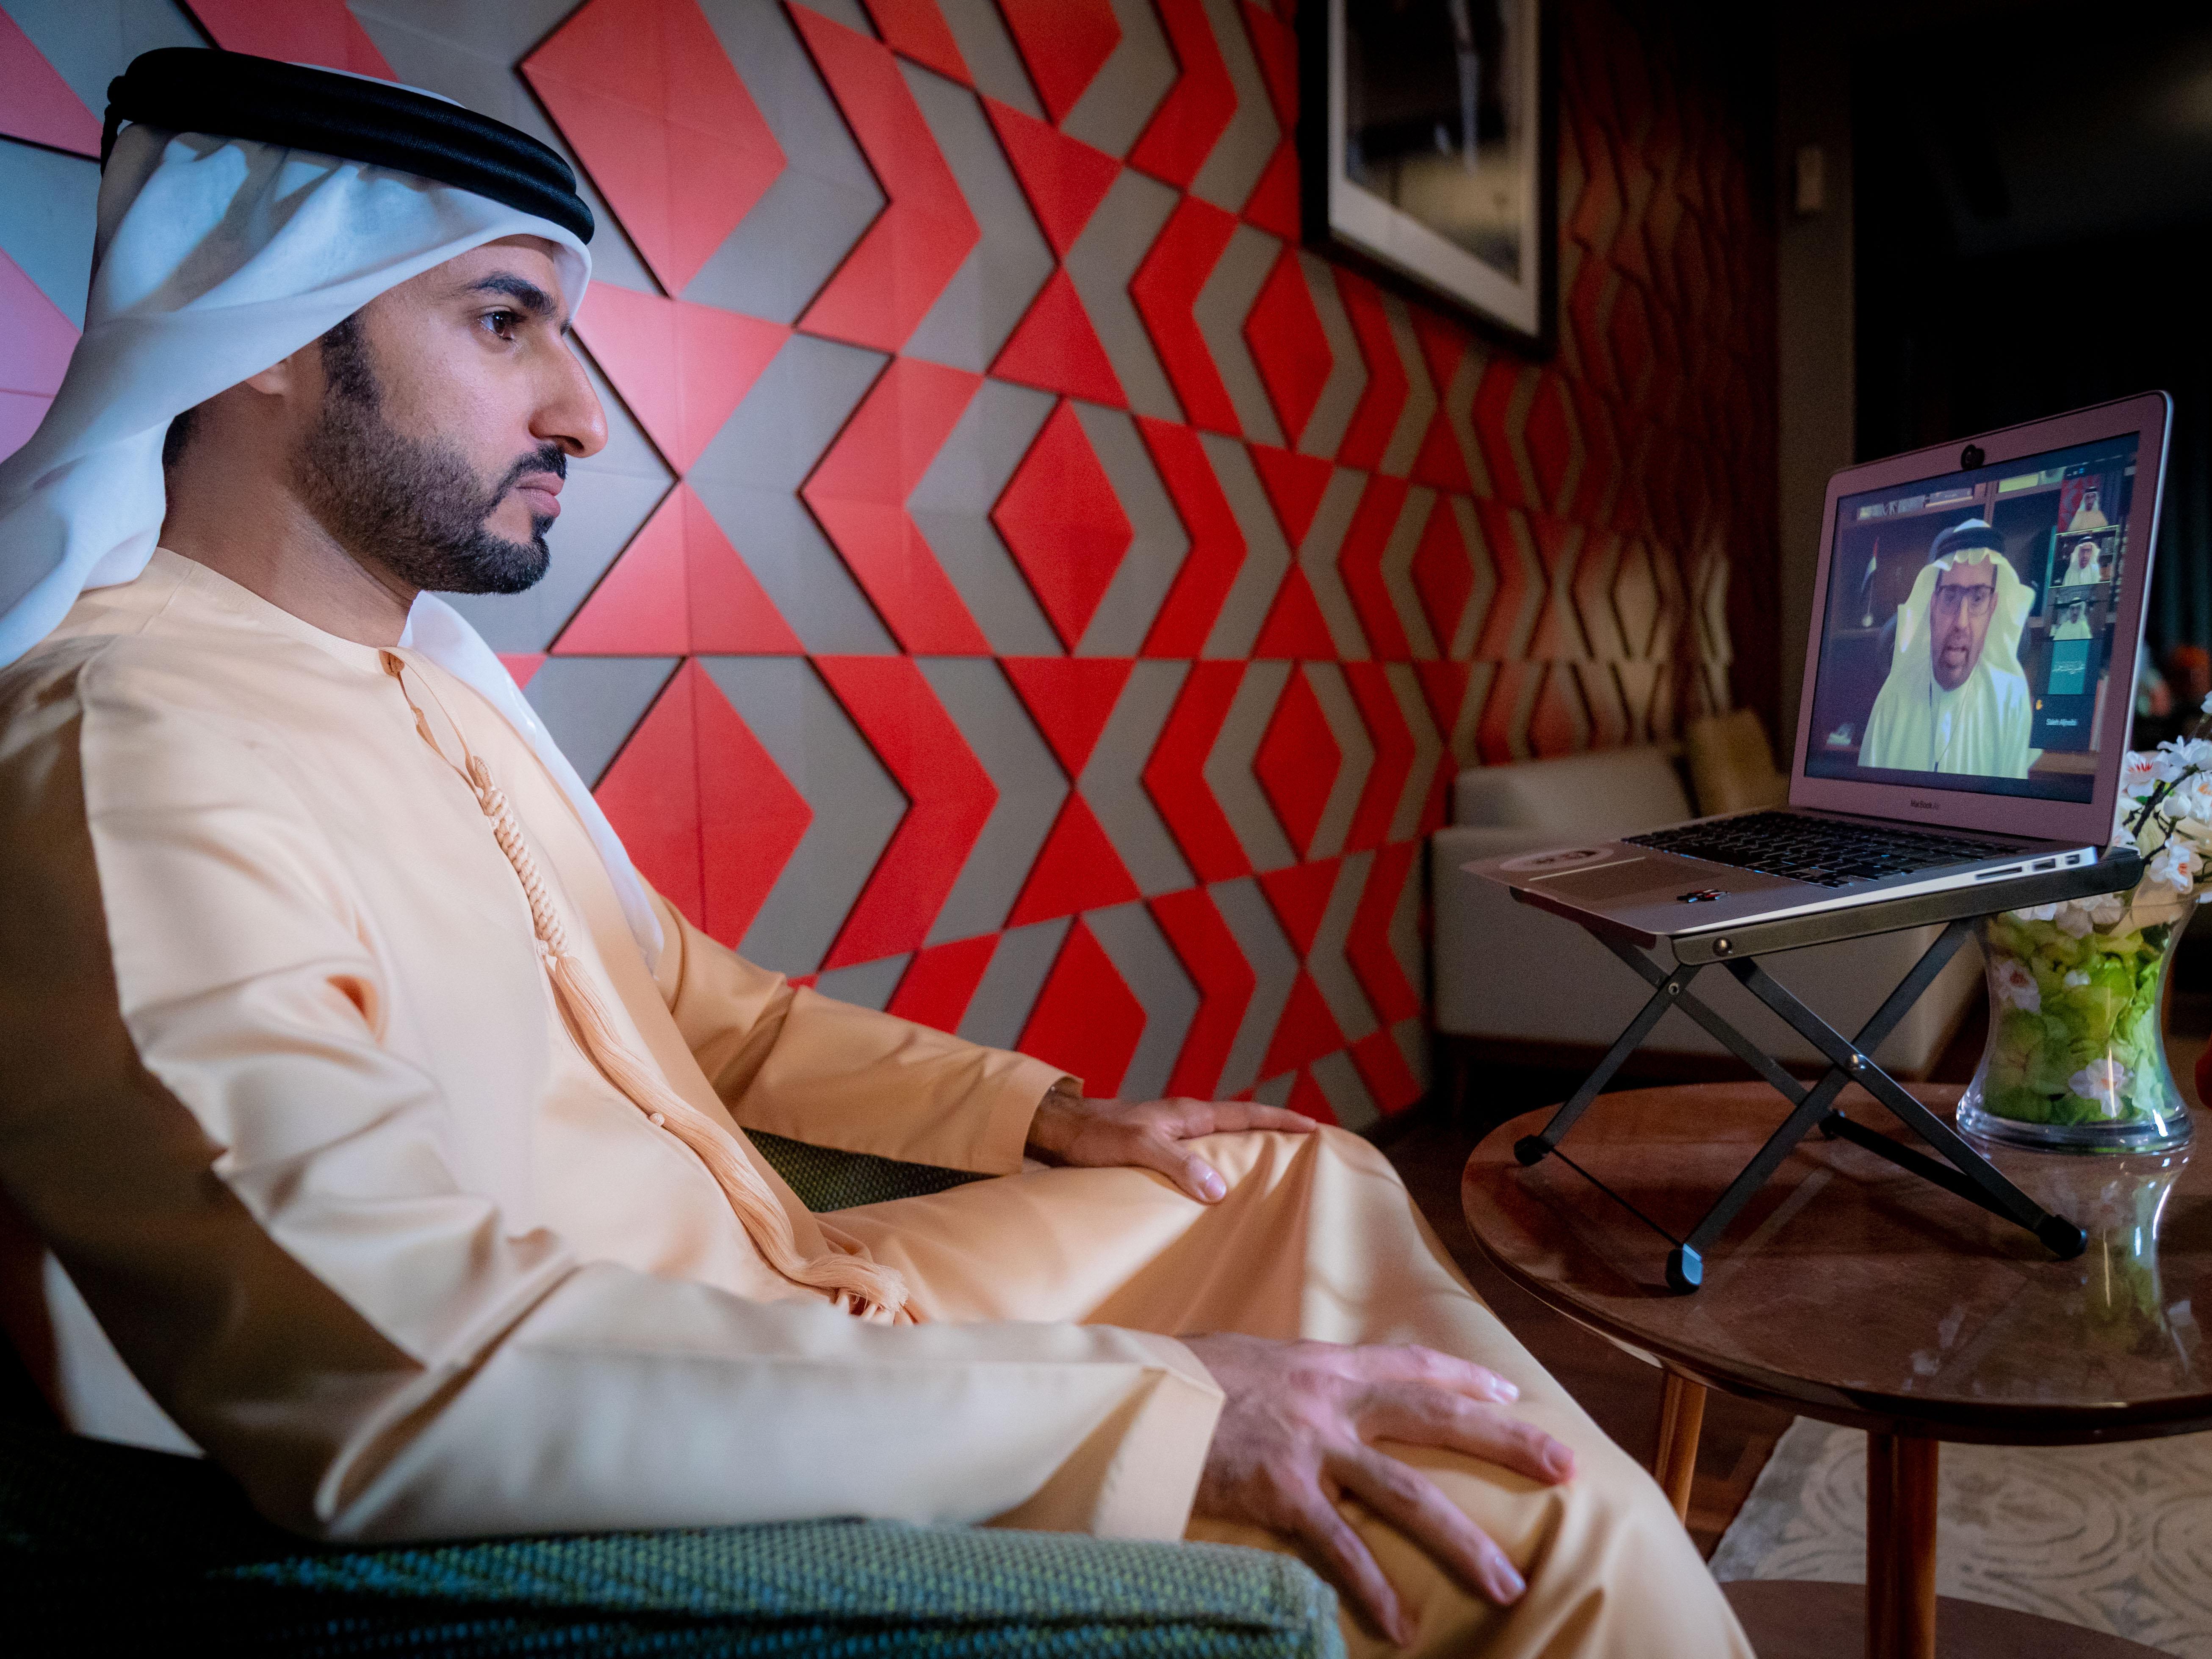 مجلس راشد بن حميد النعيمي يسلط الضوء على نهج الخير في الإمارات